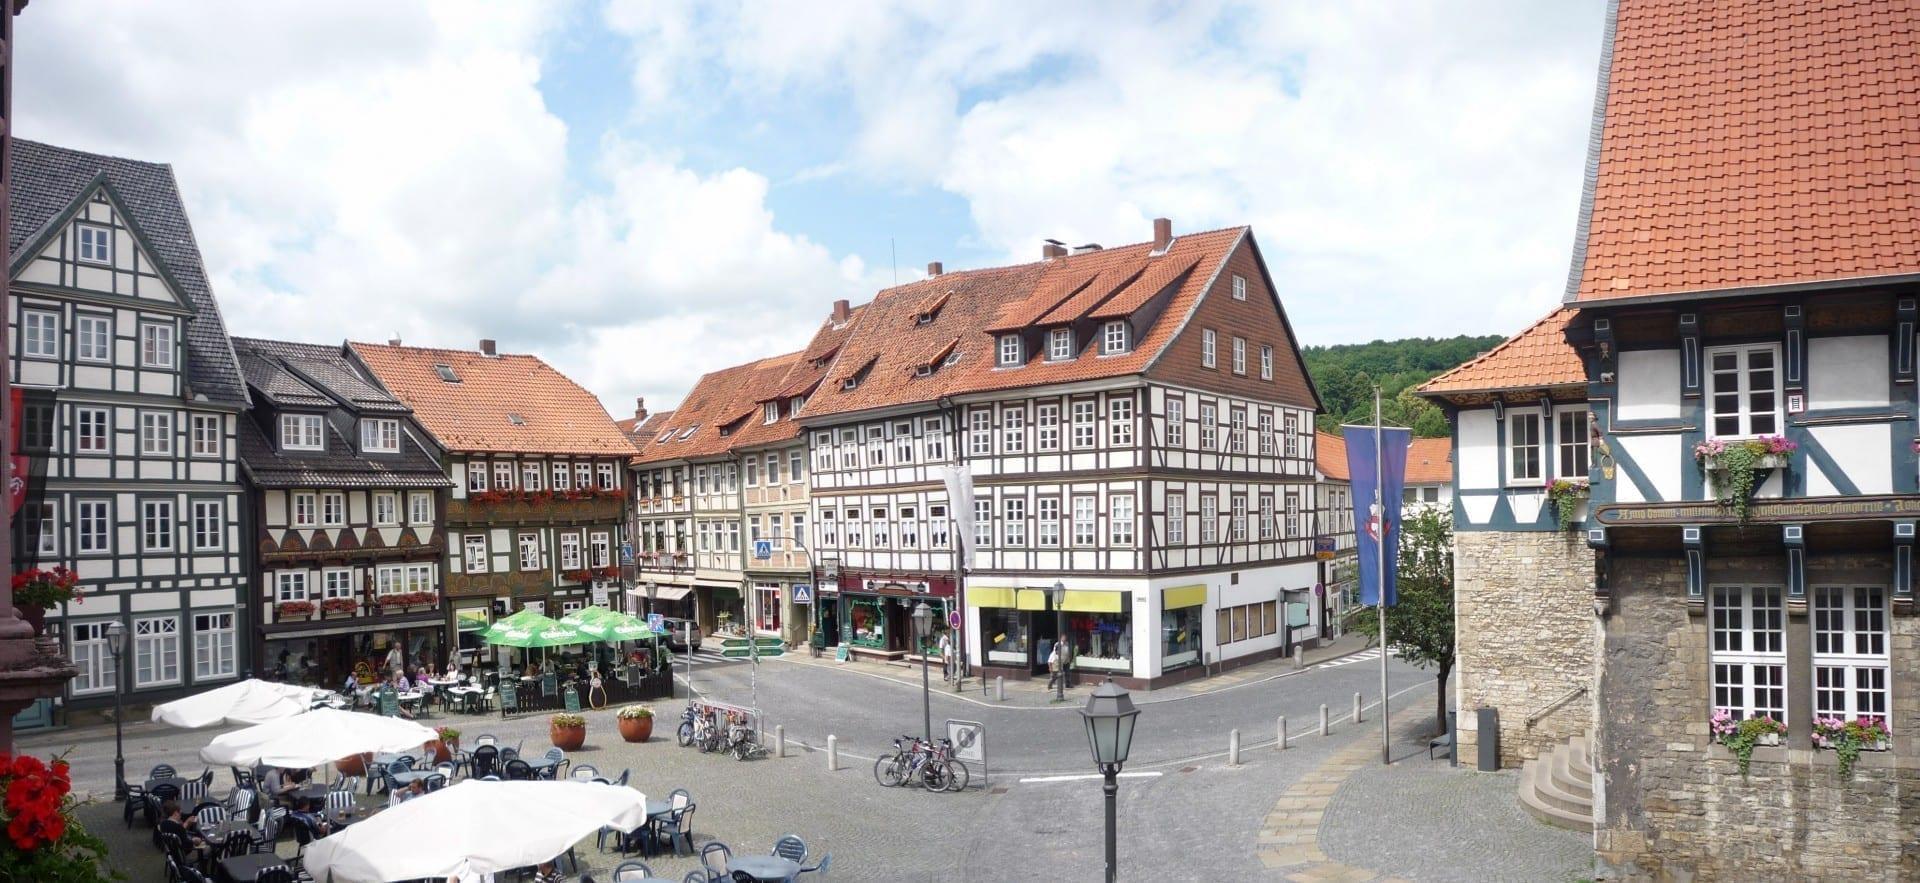 Bad Gandersheim La plaza del mercado Goslar Alemania